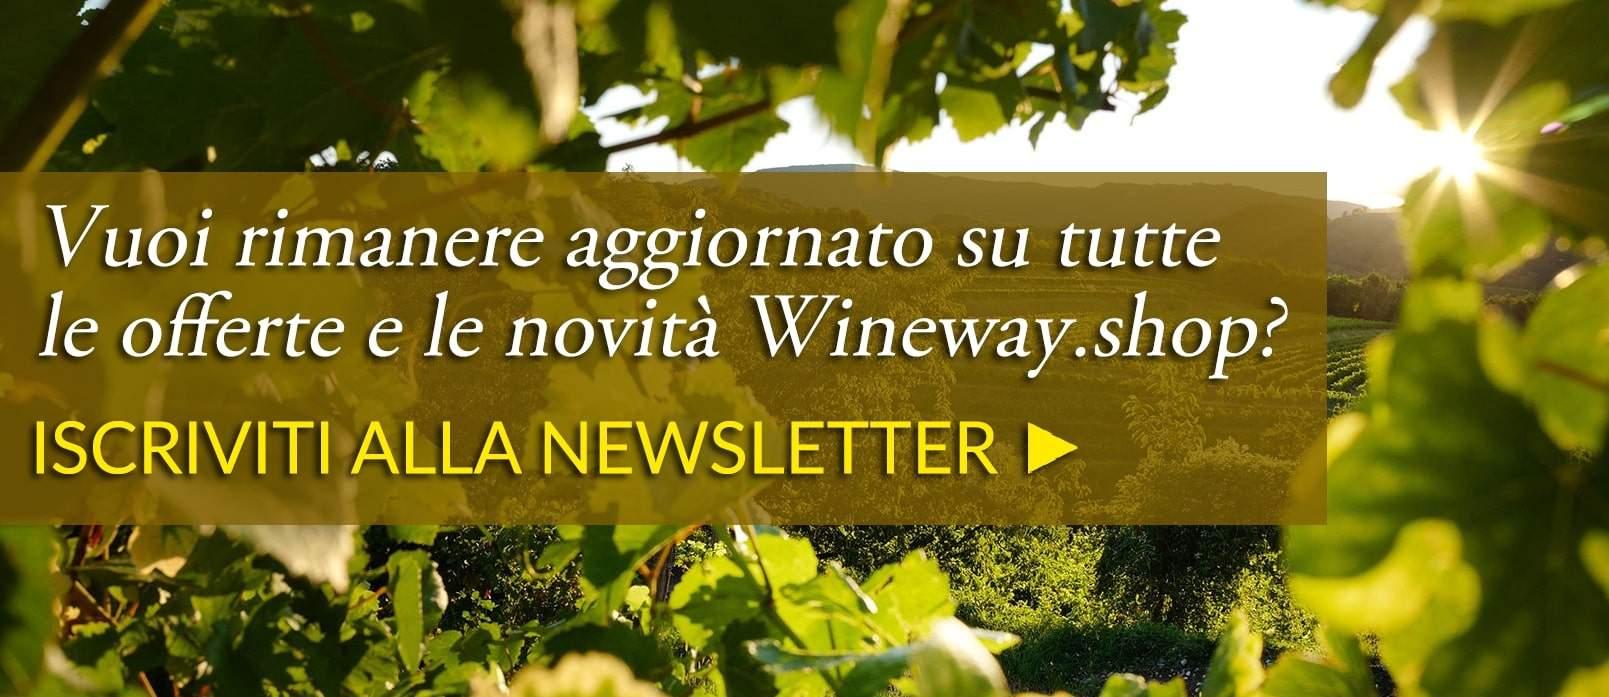 Banner Wineway Newsletter